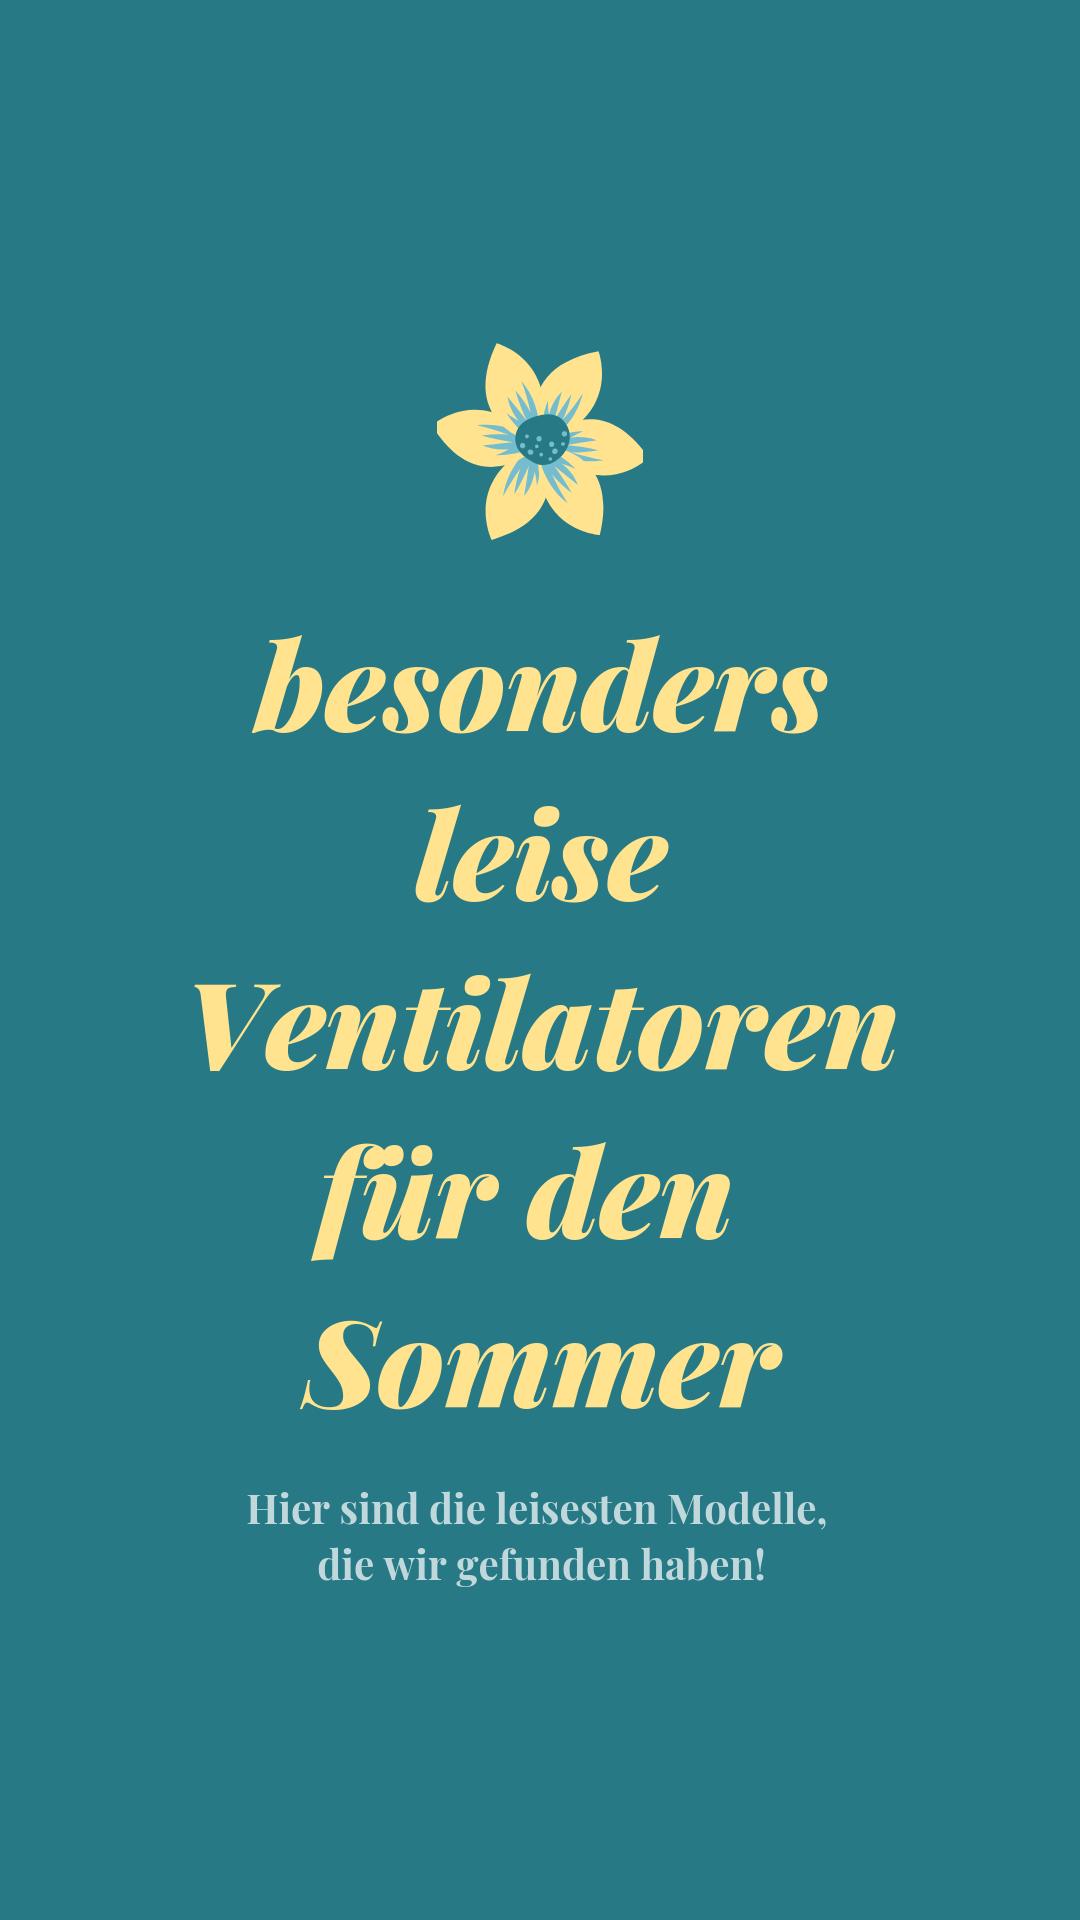 Ventilatoren Sind Tolle Hilfen Im Sommer Doch Ein Lautes Drohnen Oder Rauschen Wird Mit Der Zeit Nervig Daher Habe Ventilator Tischventilator Haushalts Tipps